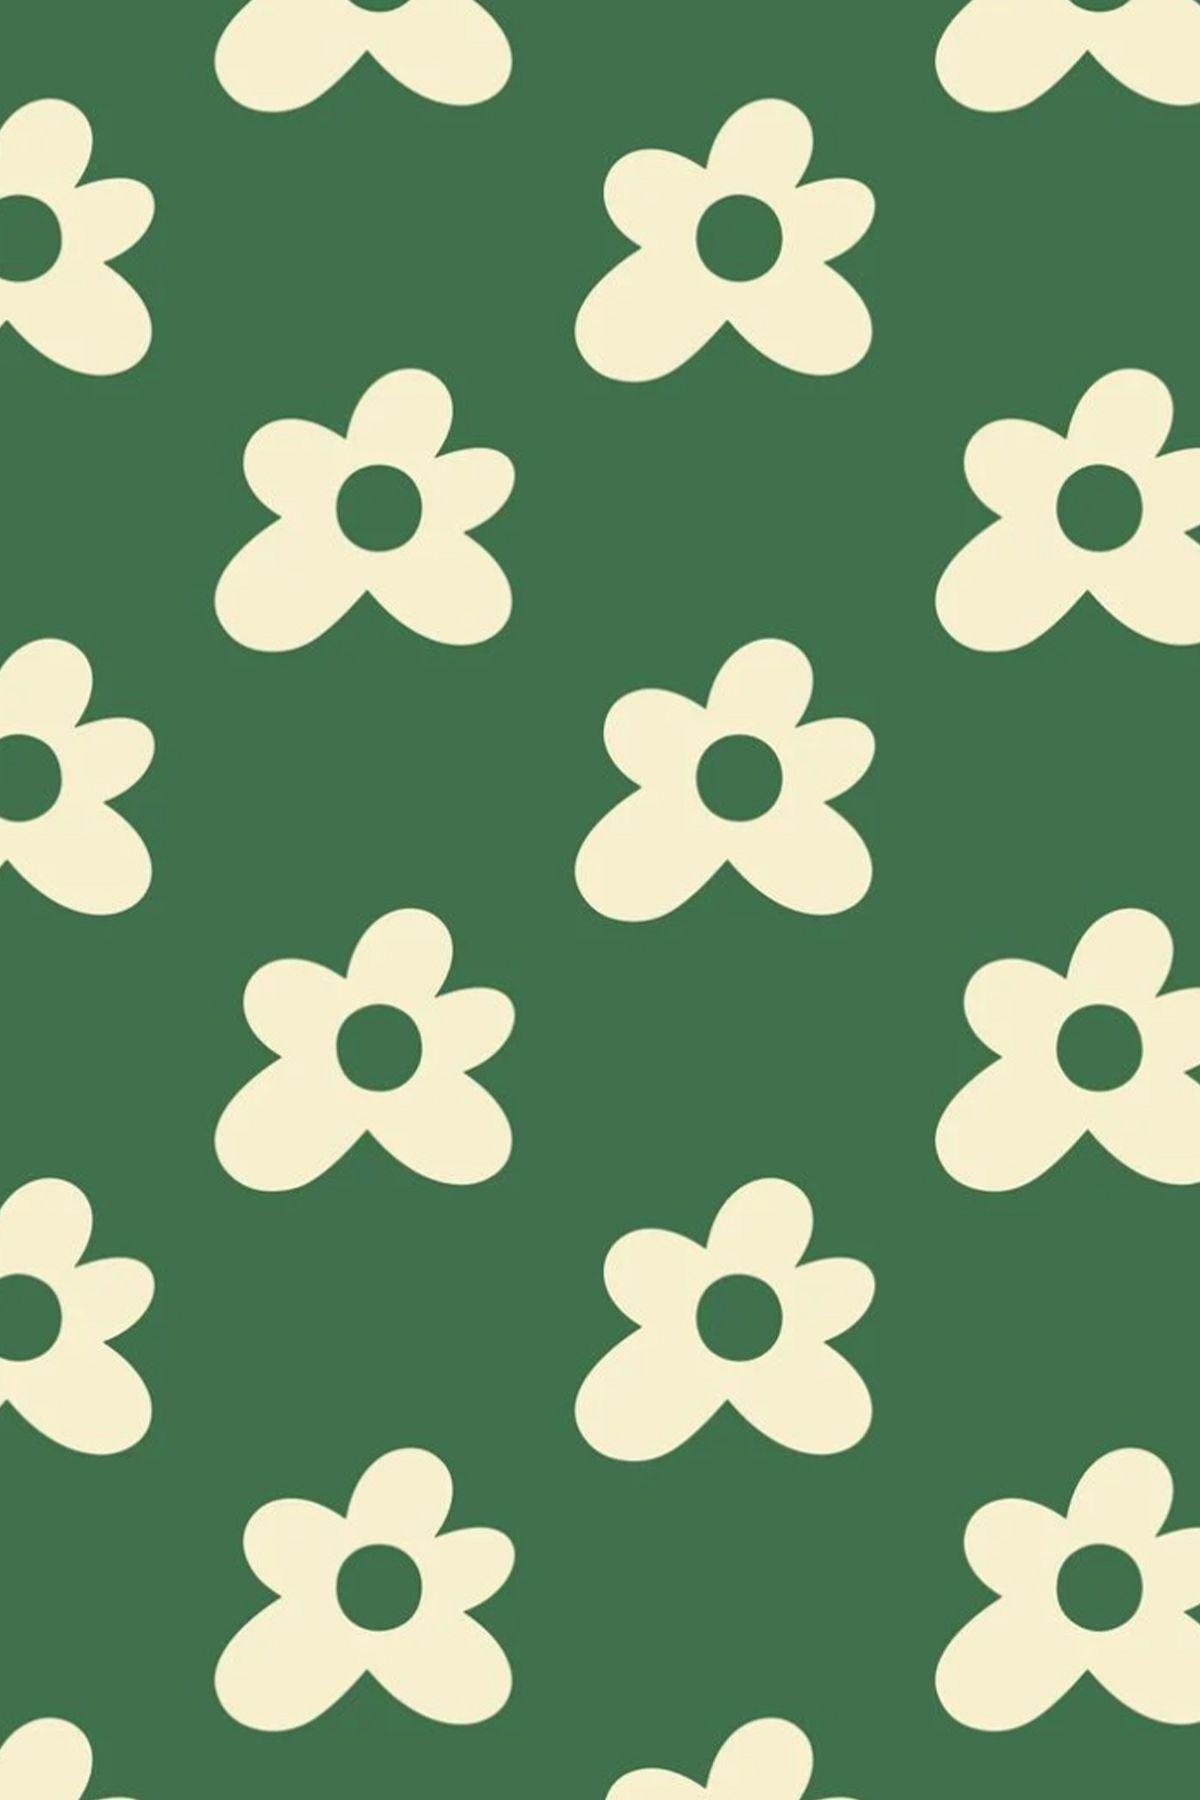 1200x1800 màu xanh lá cây xô thơm + boho nở